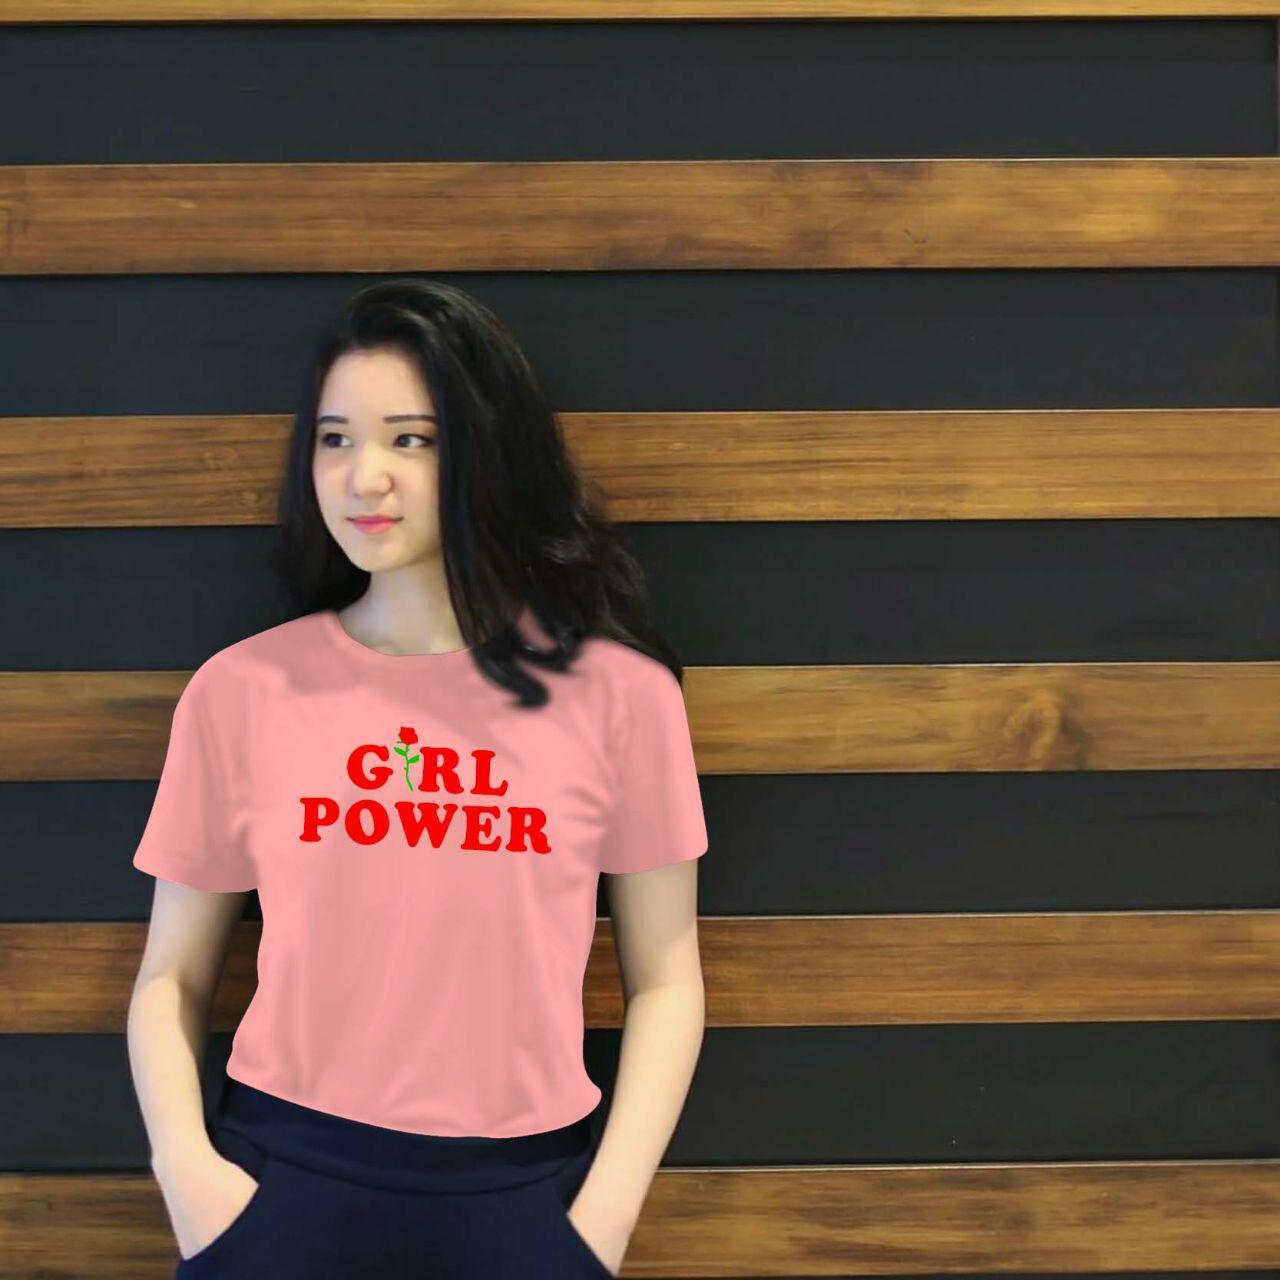 XV Kaos Wanita tee POWER ROSE GIRL / T-shirt Distro Wanita / Baju Atasan Kaos Cewek / Tumblr Tee Cewek / Kaos Wanita Murah / Baju Wanita Murah / Kaos Lengan Pendek / Kaos Oblong / Kaos Tulisan